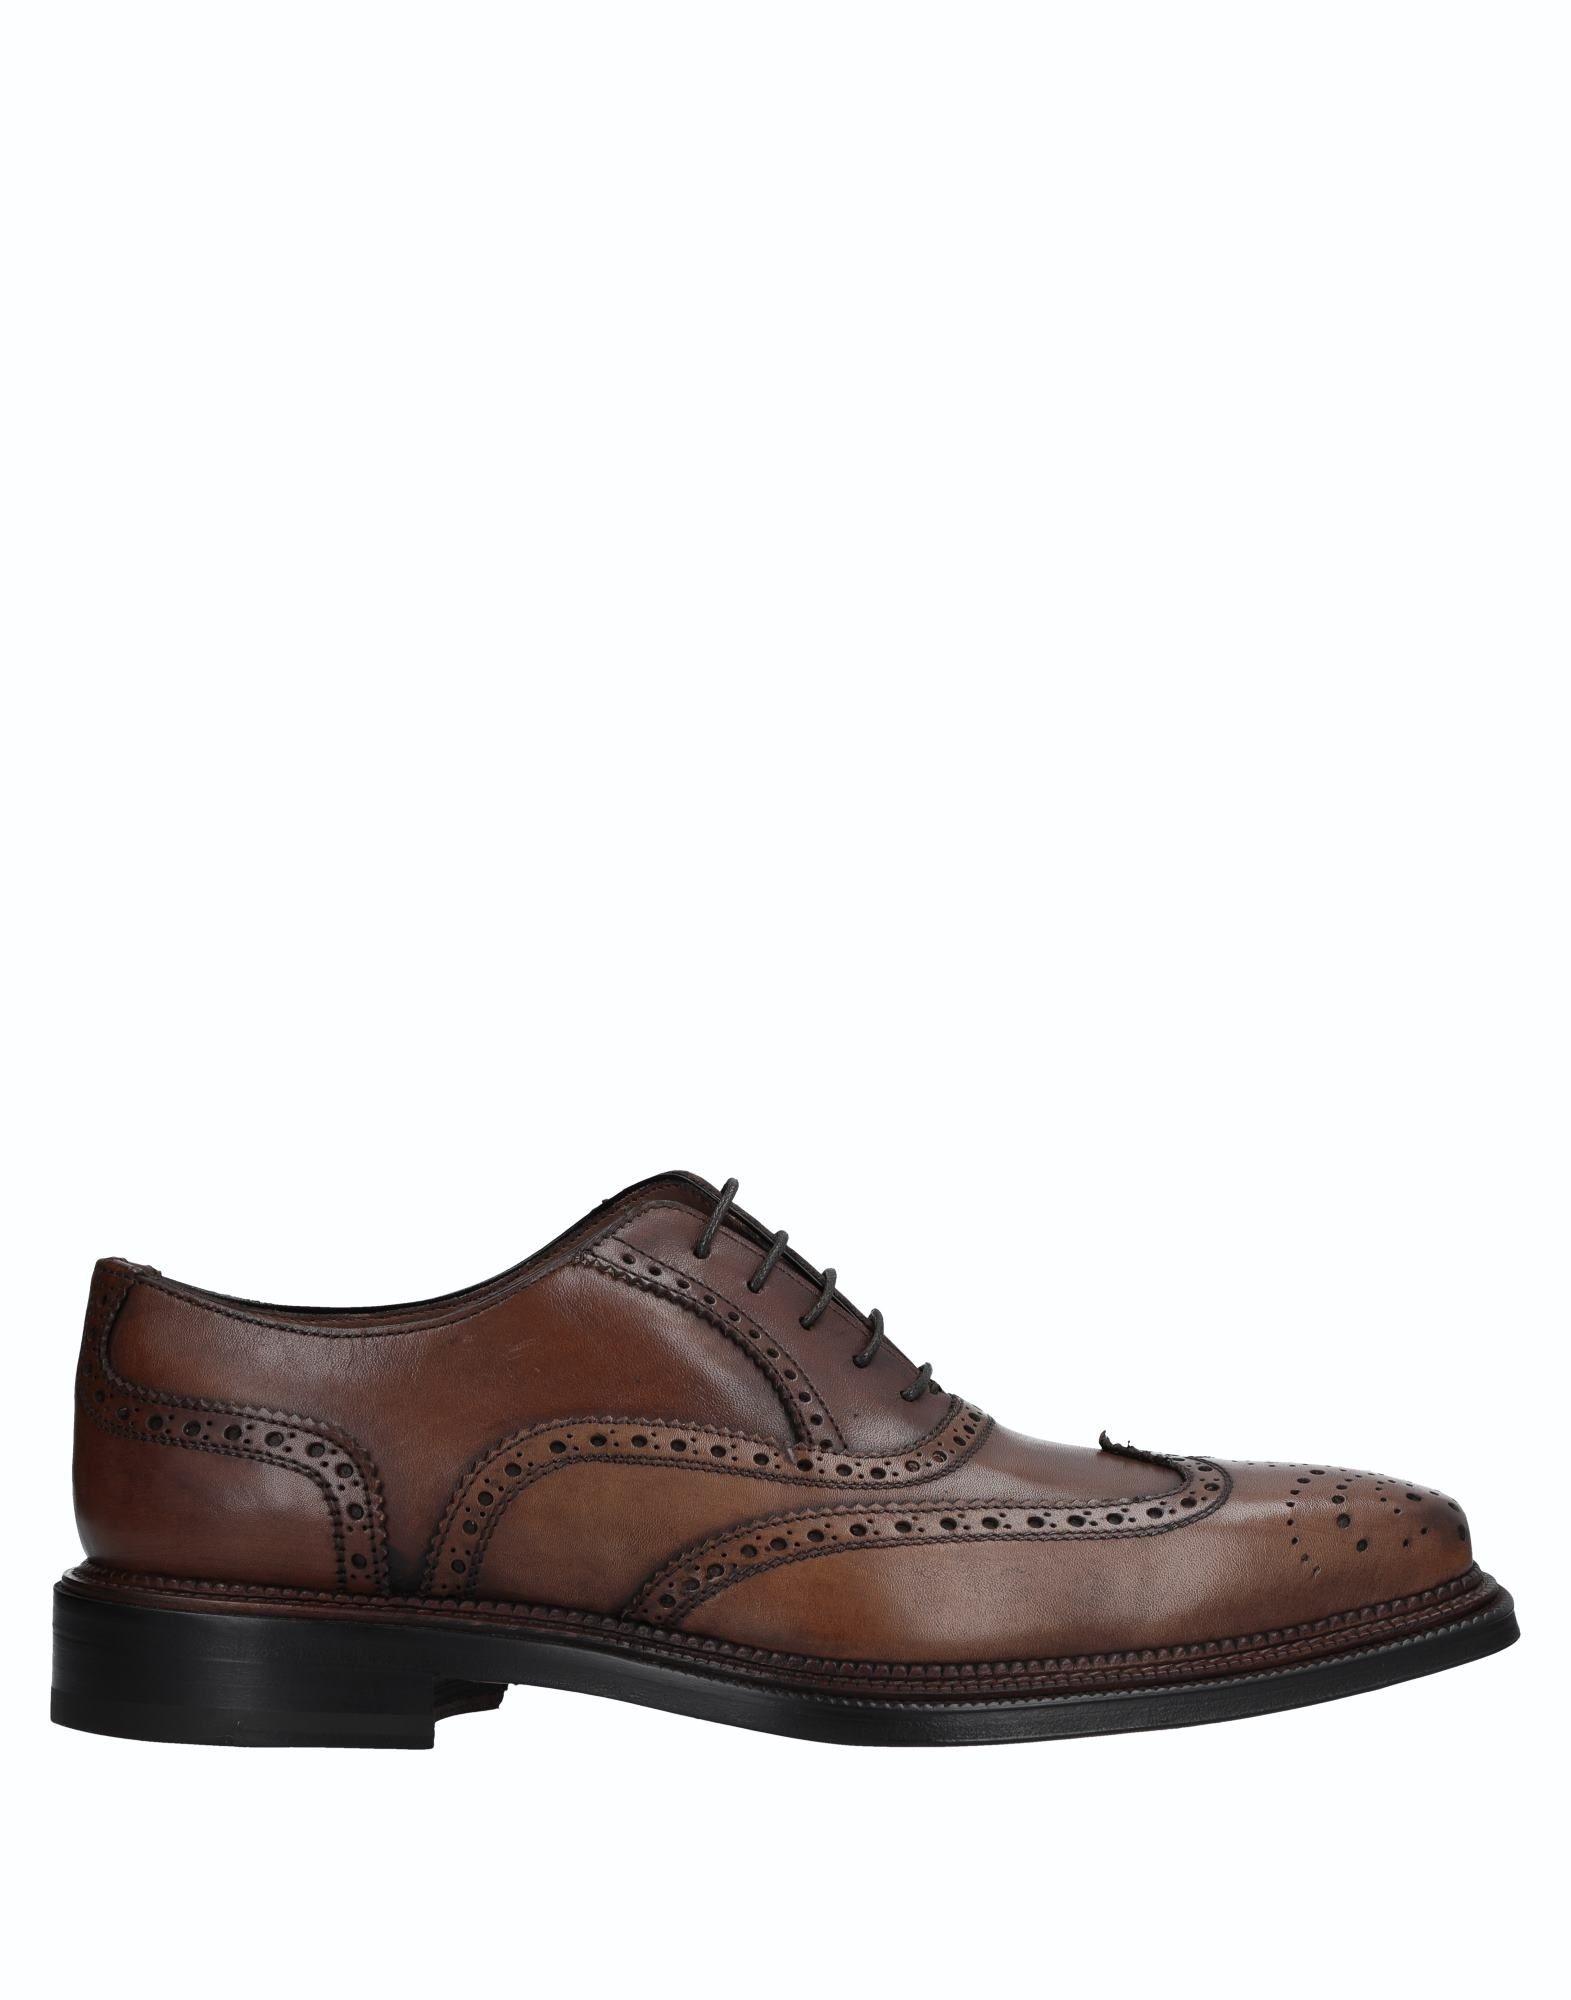 Stefano Branchini Schnürschuhe Herren  11521545VS Gute Qualität beliebte Schuhe